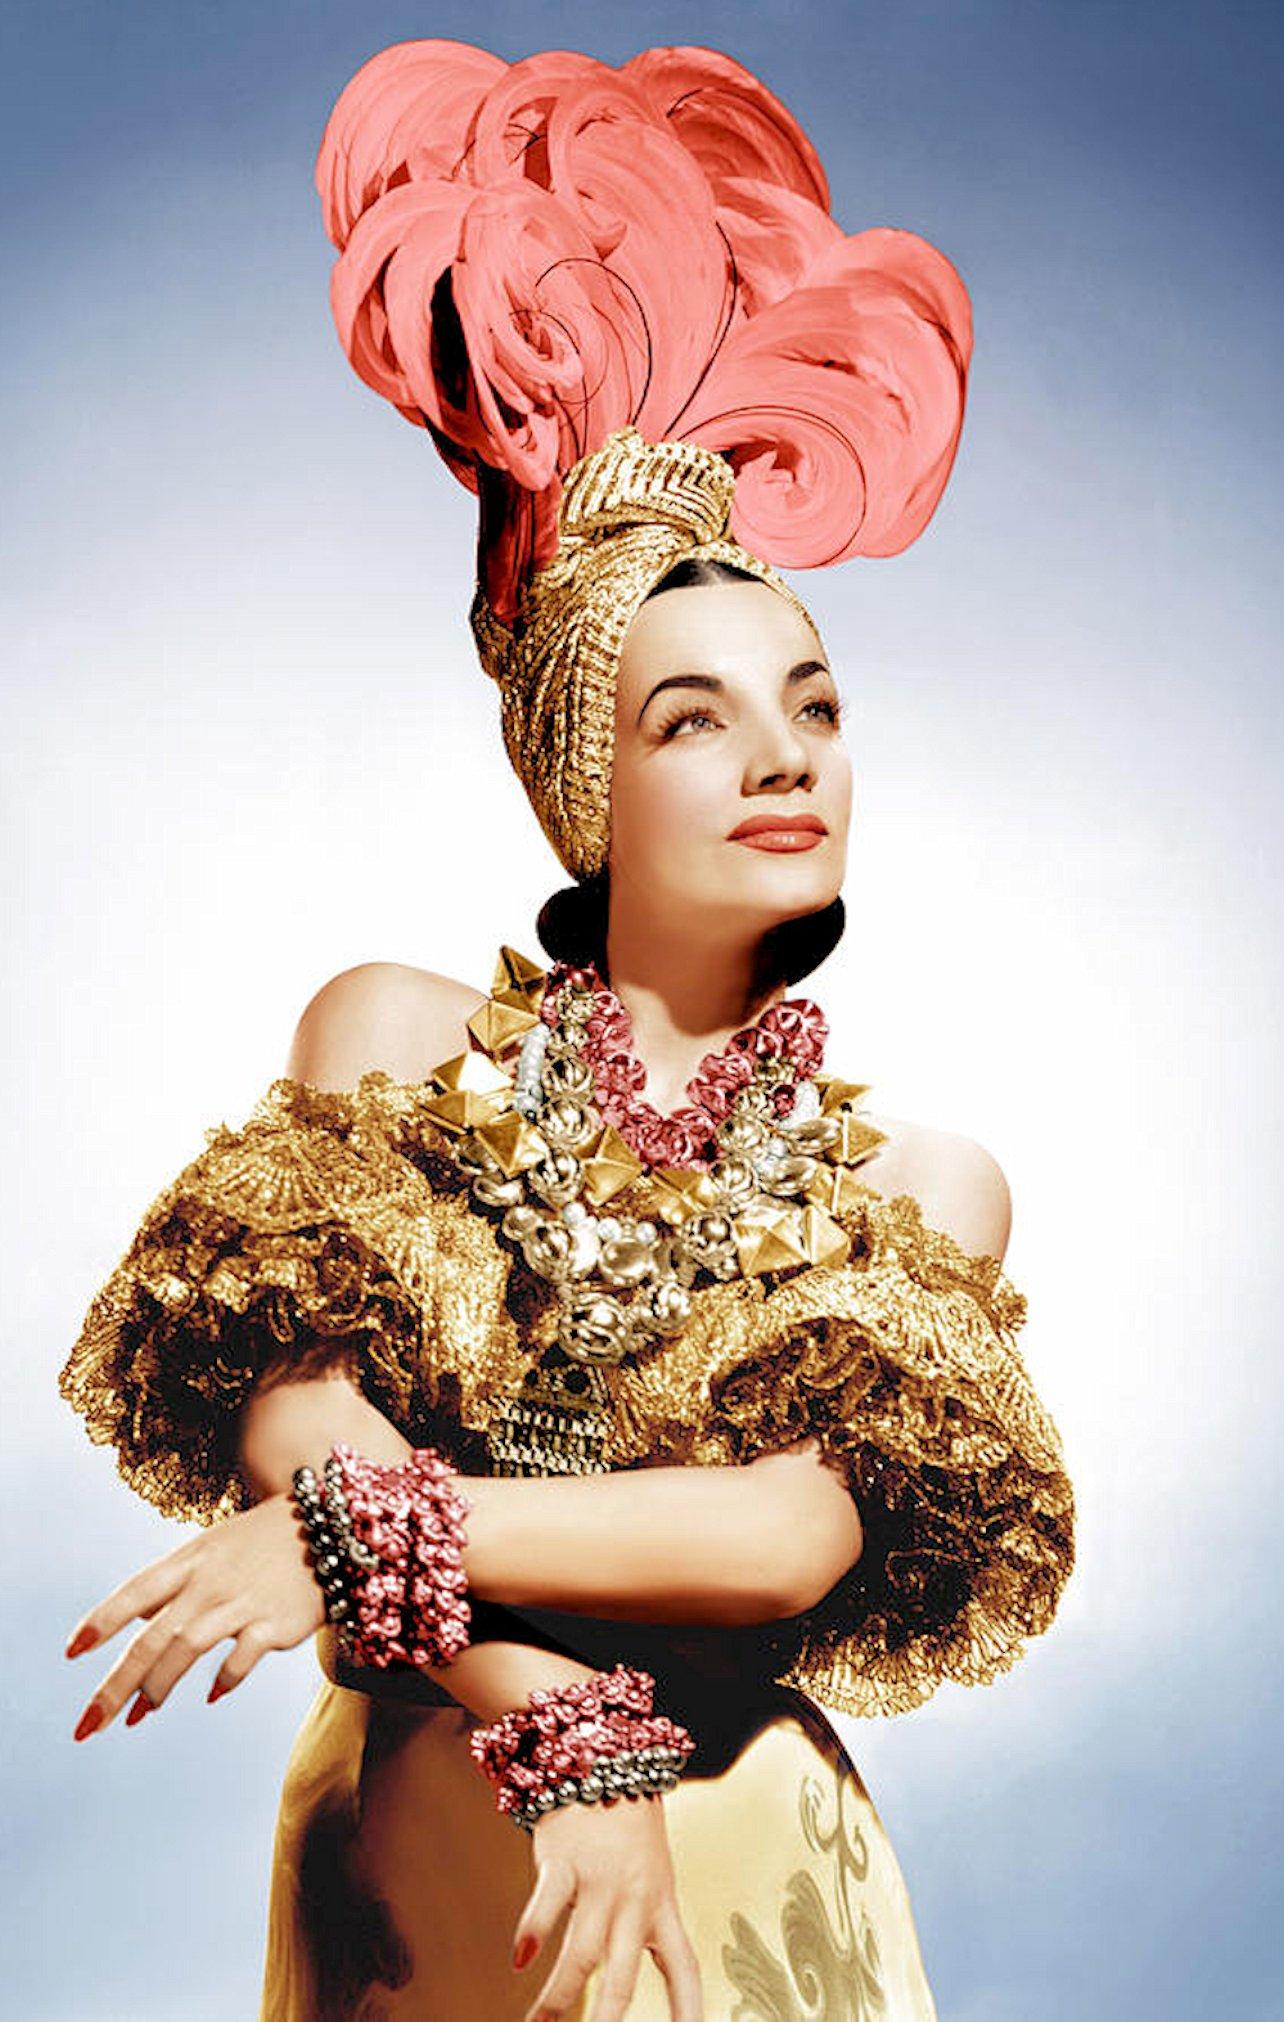 Carmen Miranda Wallpapers hd